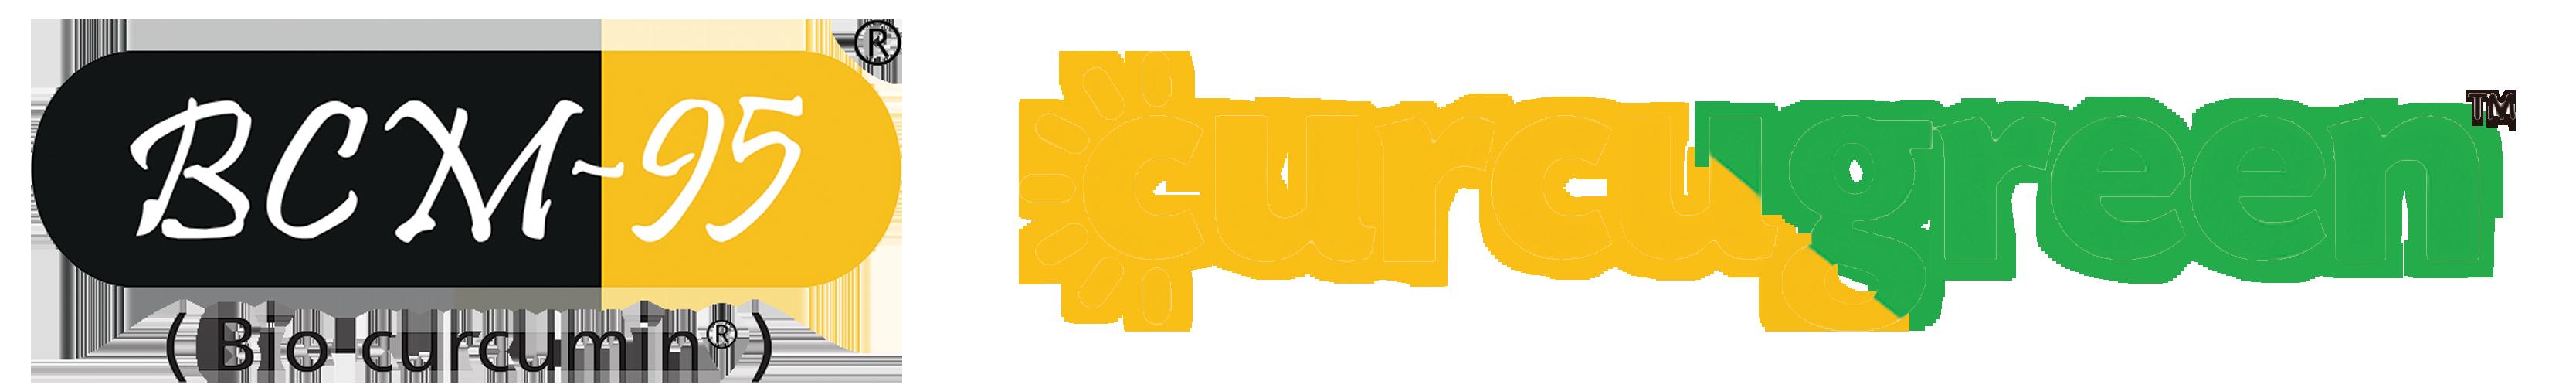 bmc-95 curcugreen biocurcumax curcumactif nutrixeal